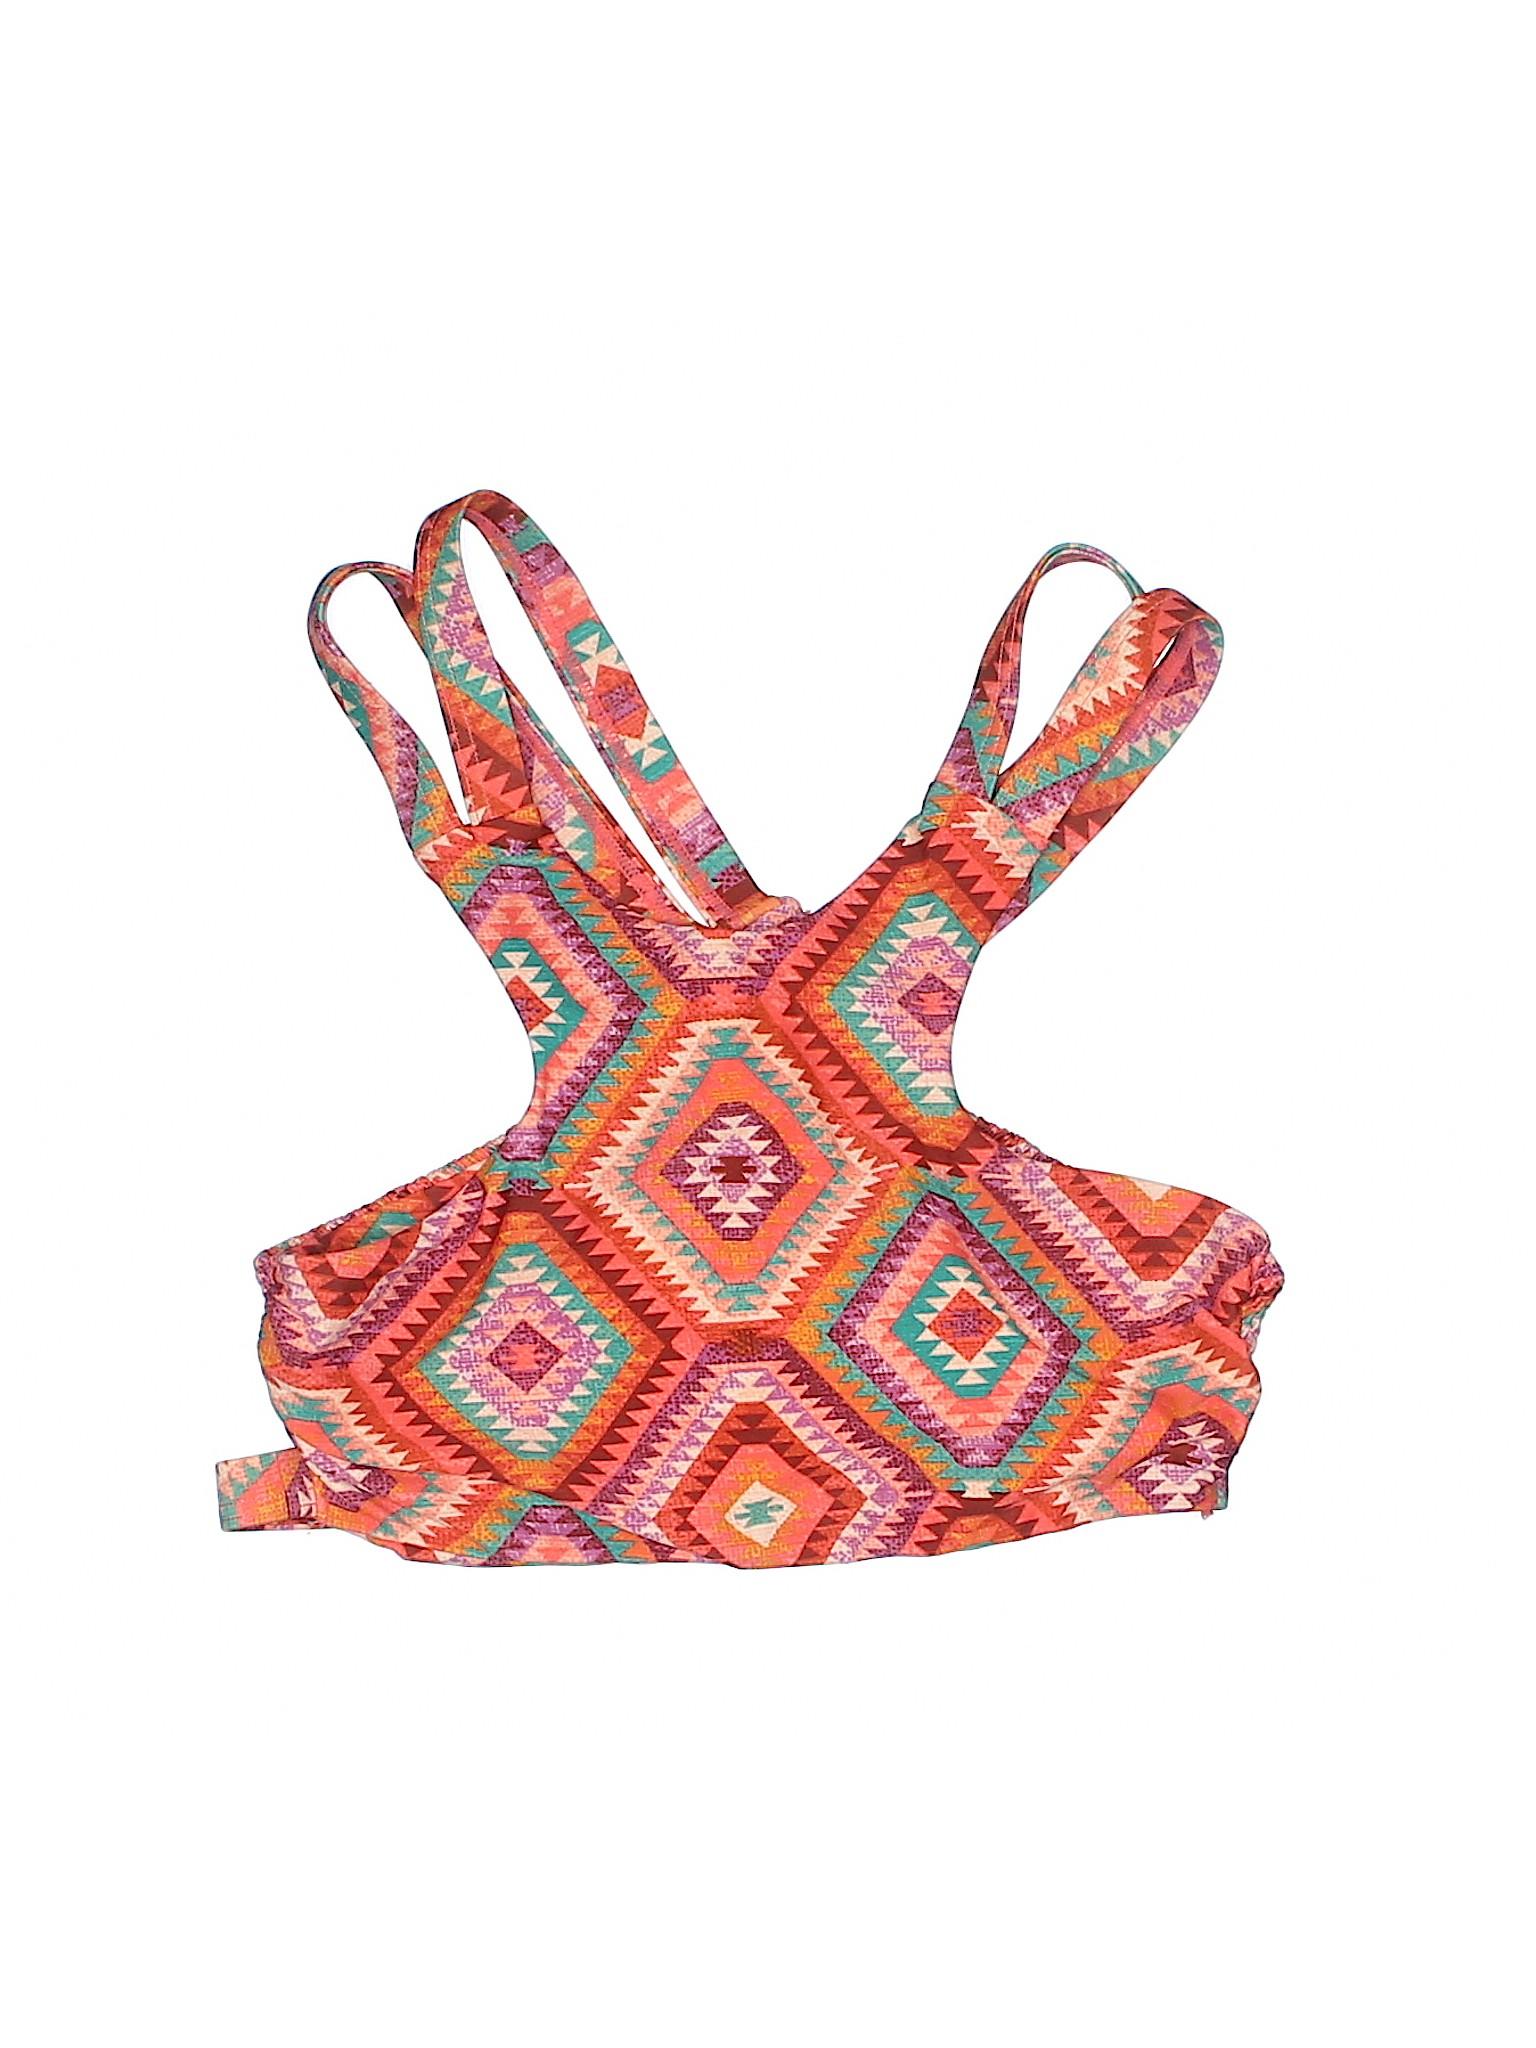 Boutique Boutique Swimsuit Top Praver Tori Tori fqg15xw8